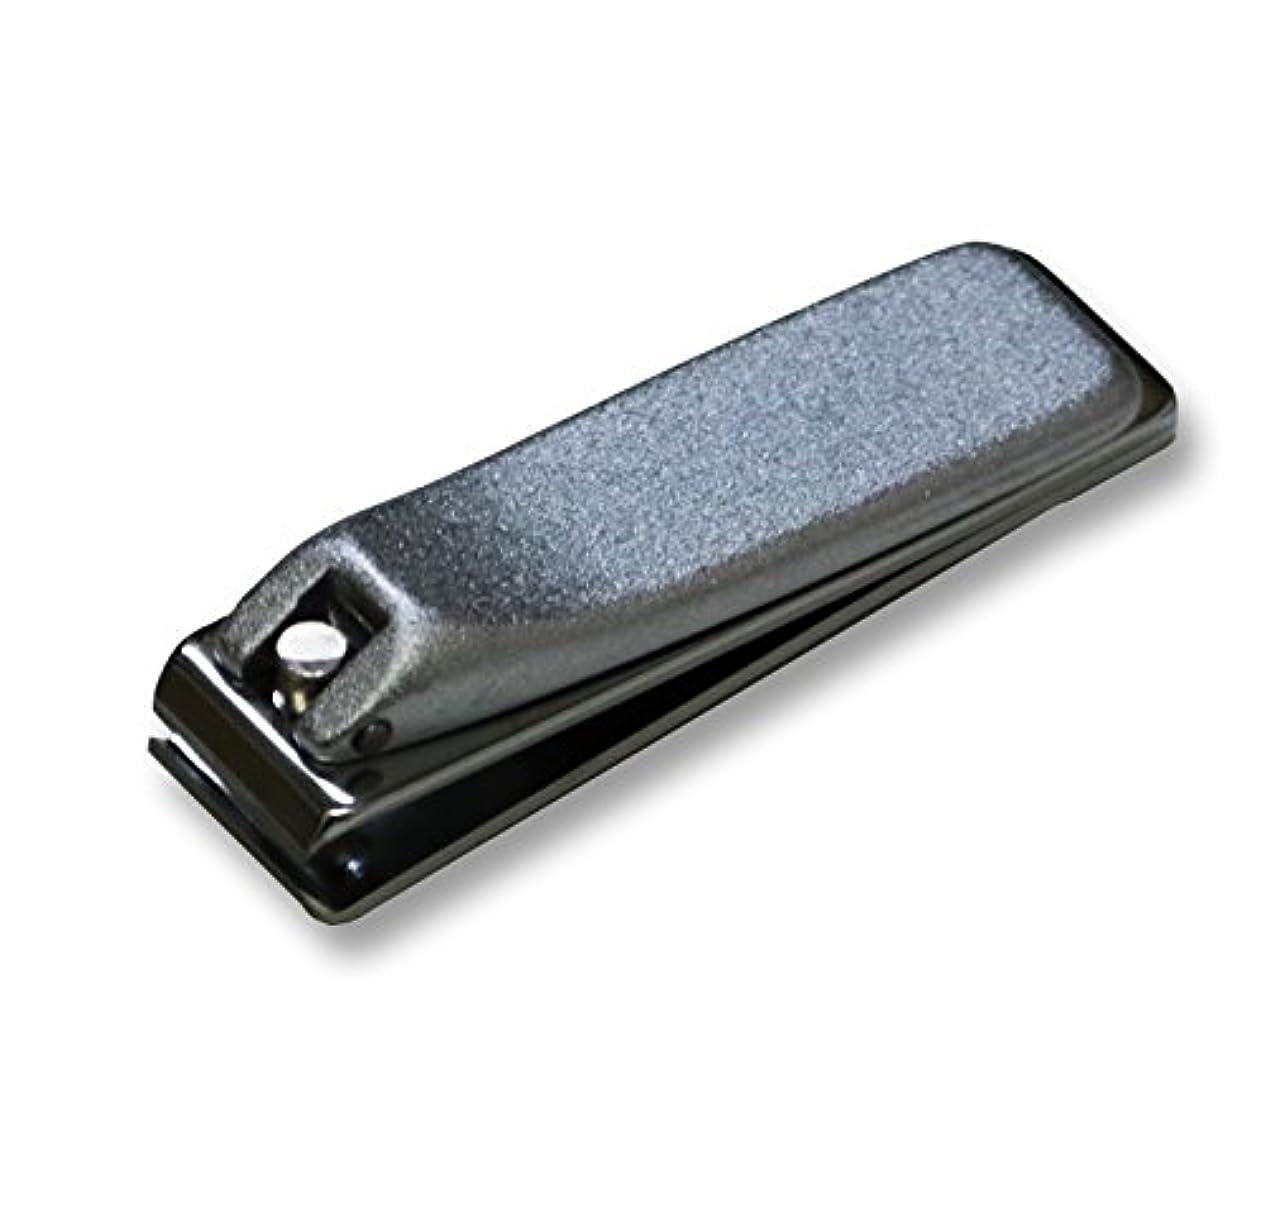 ロシア設計単なるKD-035 関の刃物 クローム爪切 直刃 小 カバー無